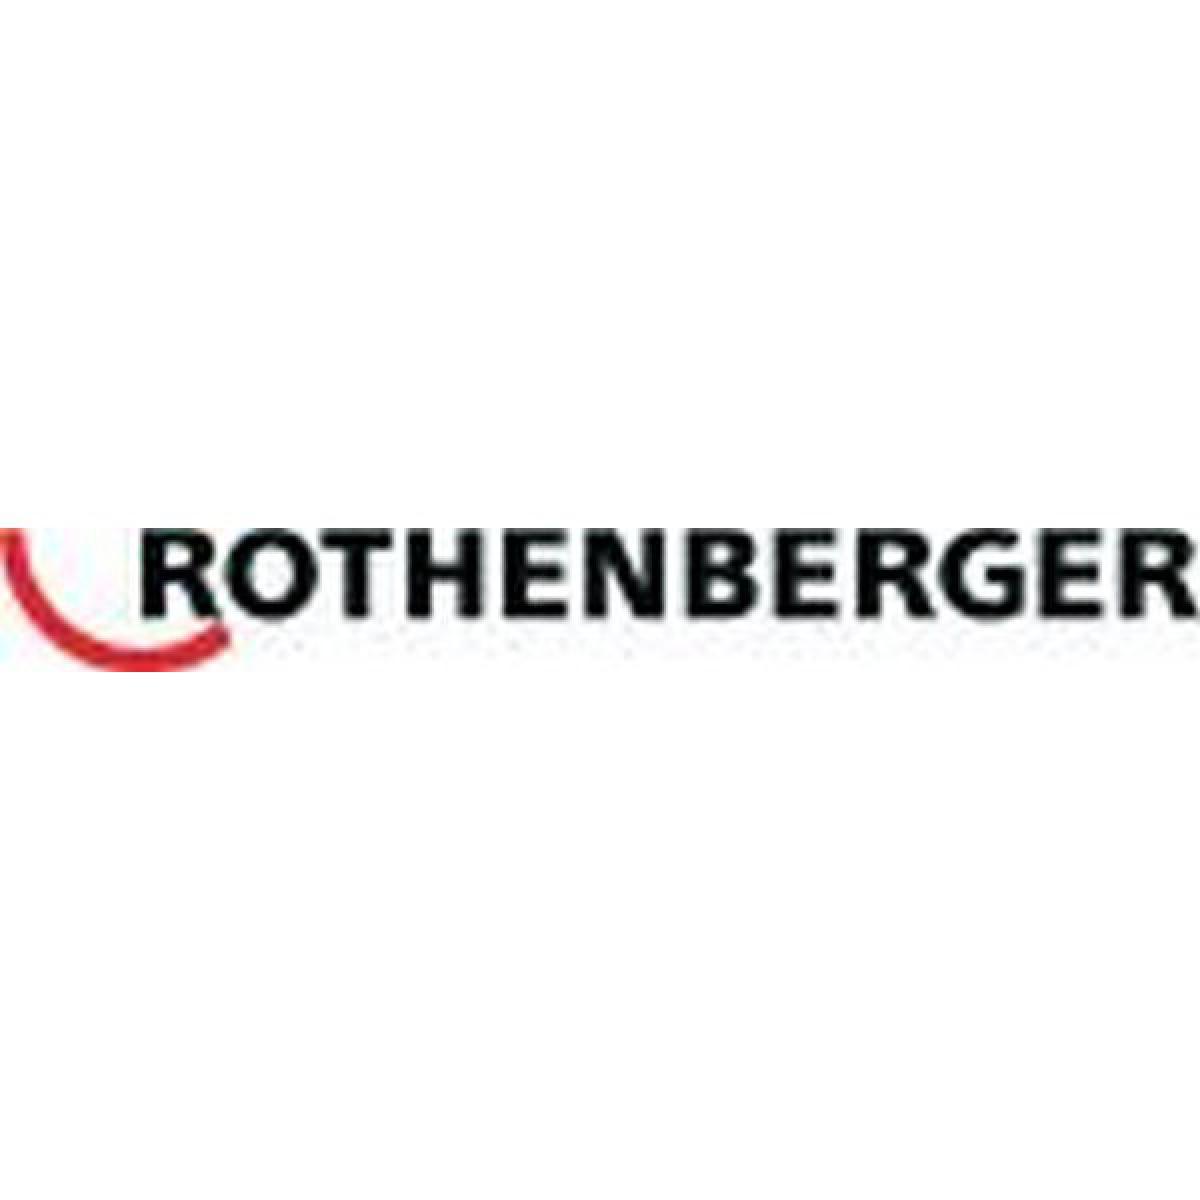 Rothenberger Lame de rechange en acier inoxydable pour cisailles pour tubes en matière plastique, ROCUT® TC 50, Pour Ø de tuyaux : 0-